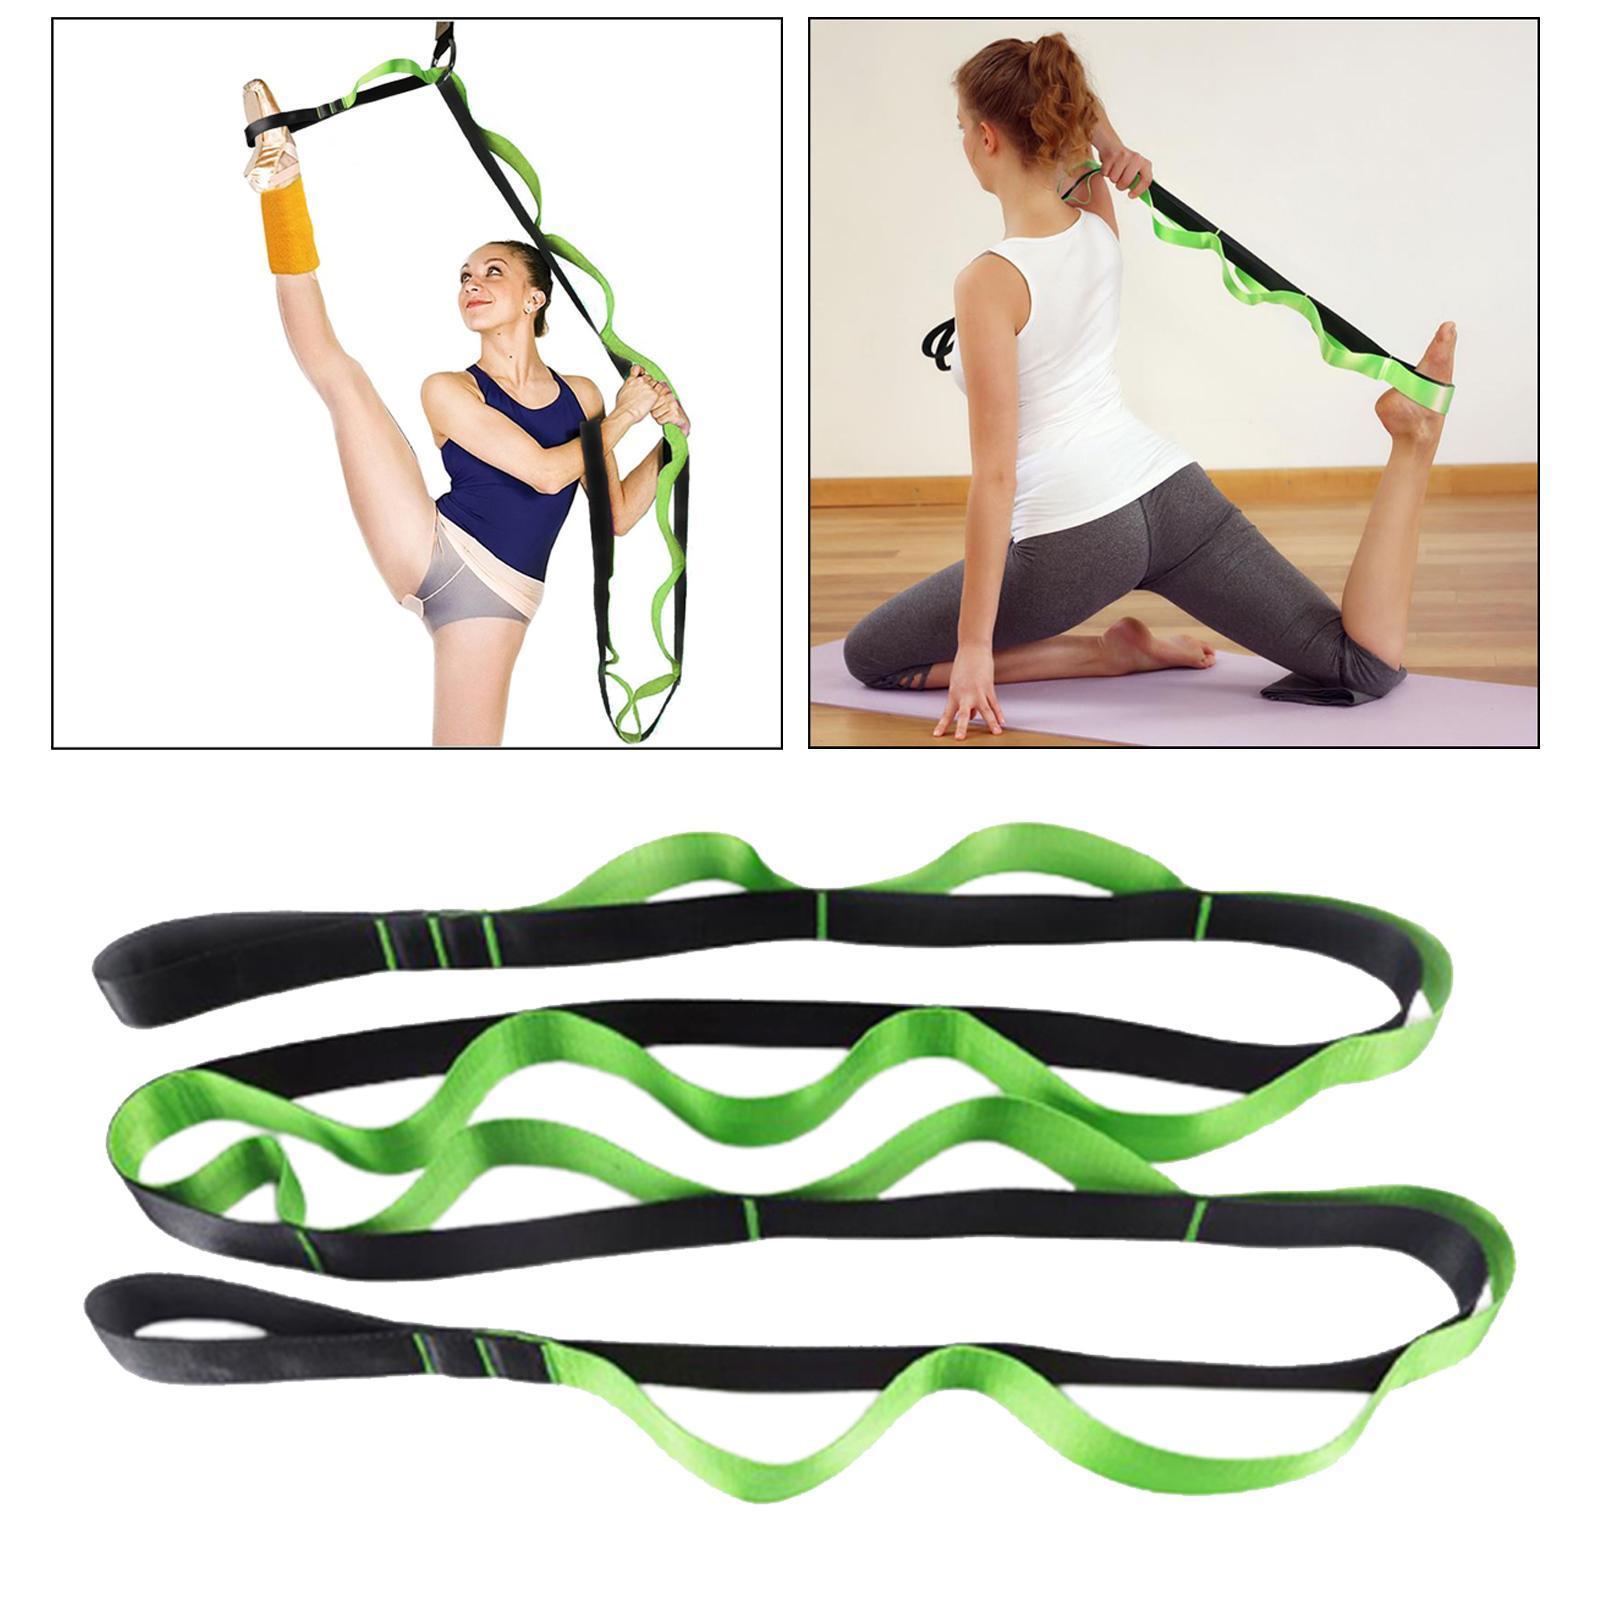 miniatura 17 - Pierna camilla yoga Stretch Strap Latin Dance Gymnastic pull cinturón flexibilidad